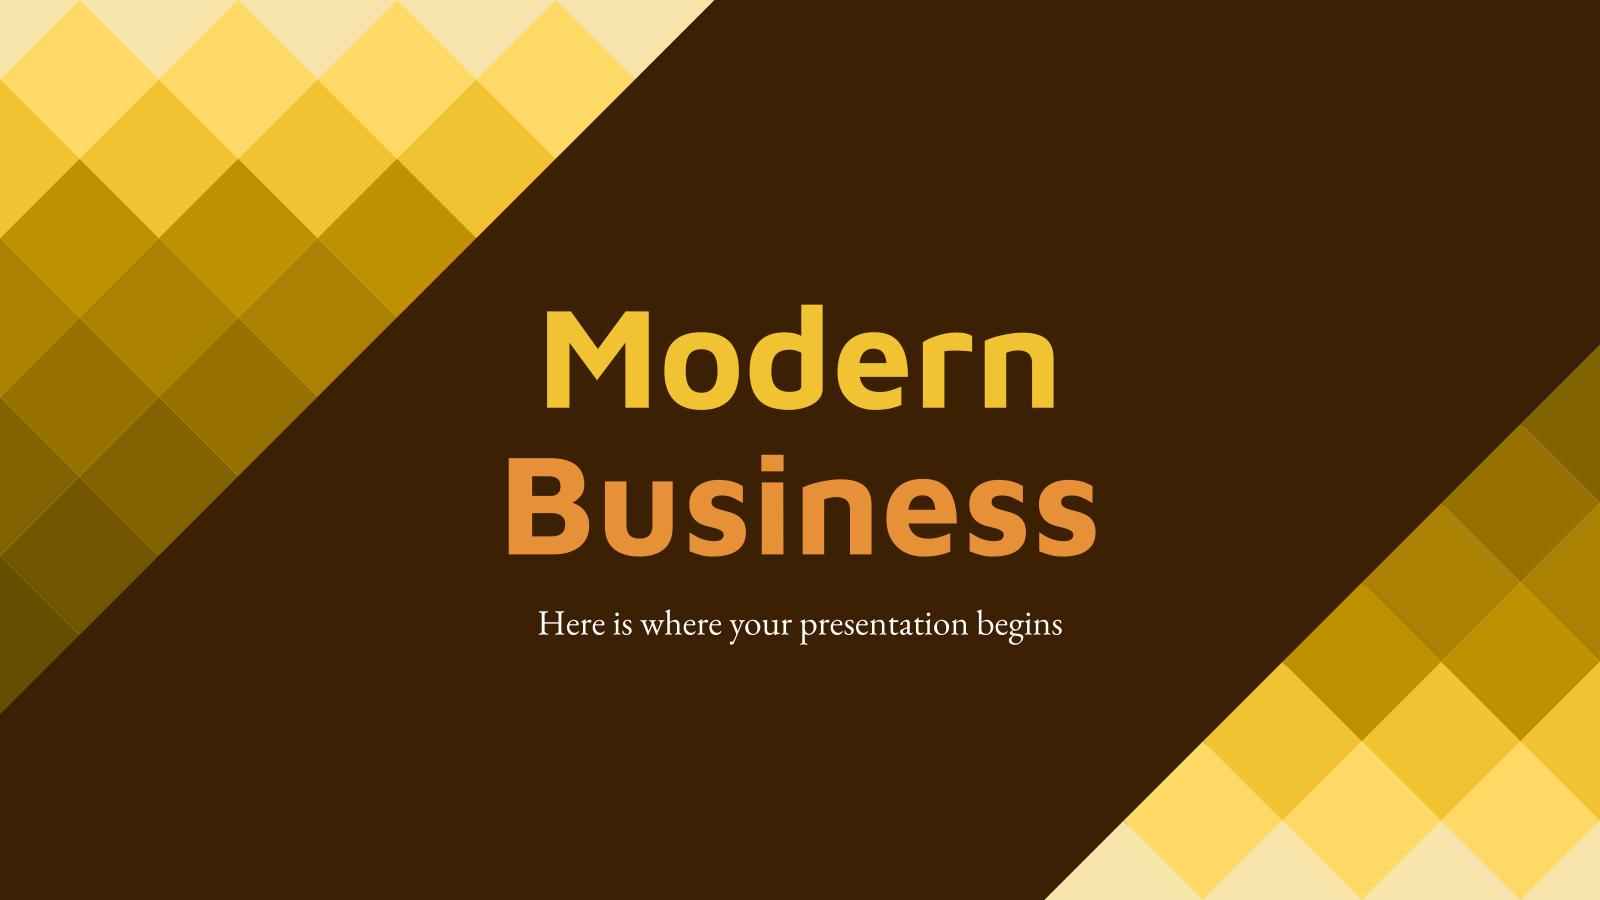 Modelo de apresentação Negócios modernos